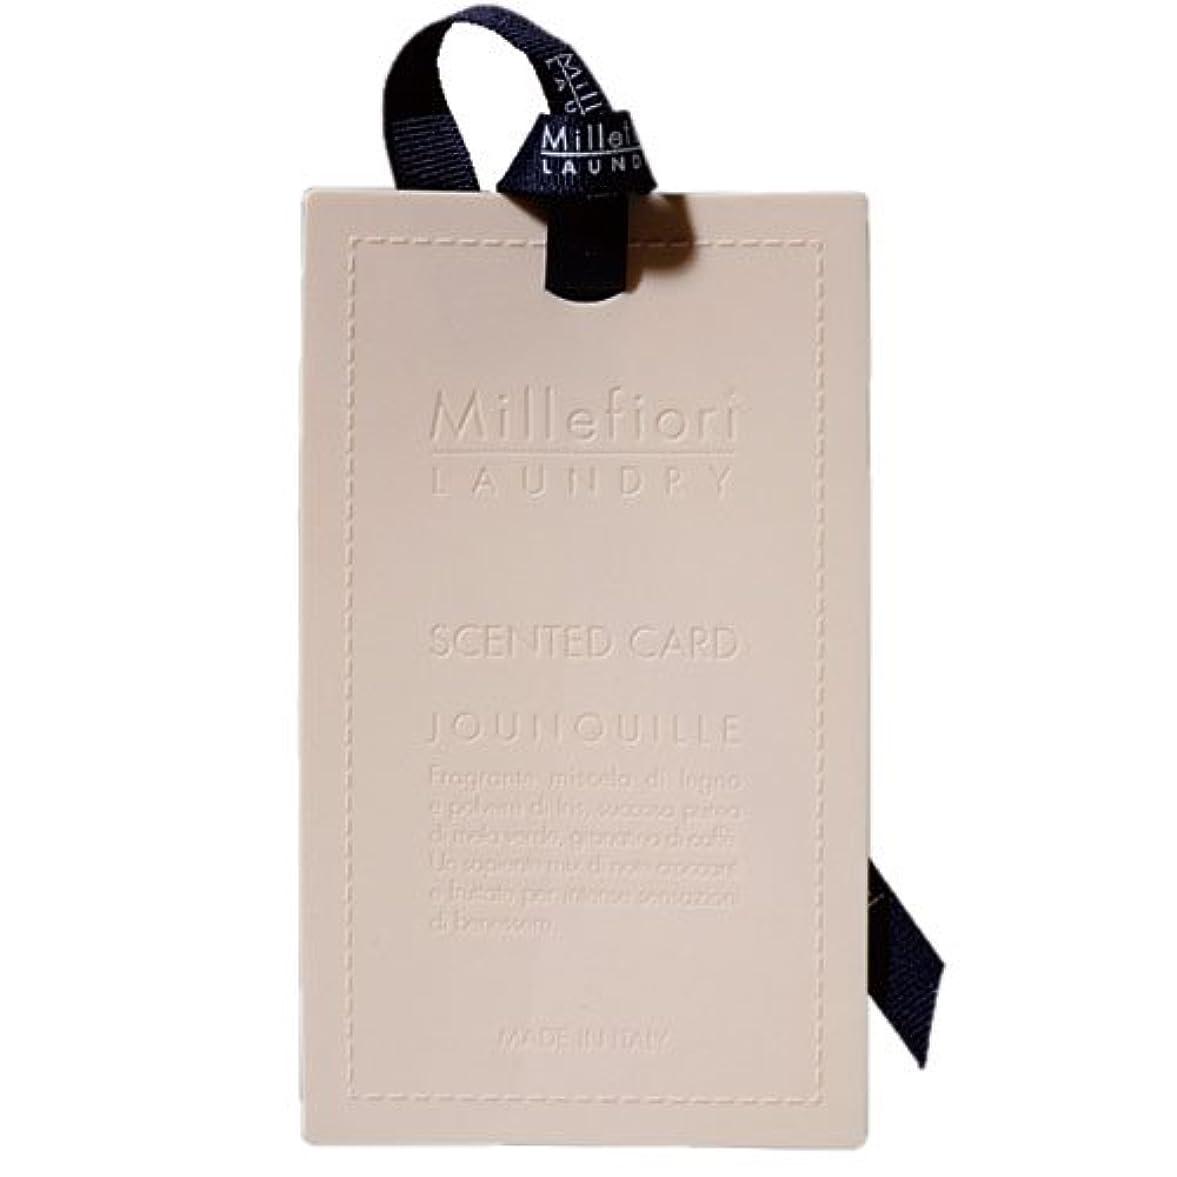 生き残り甘やかすのMillefiori センテッドカード ナルシス CARD-A-001